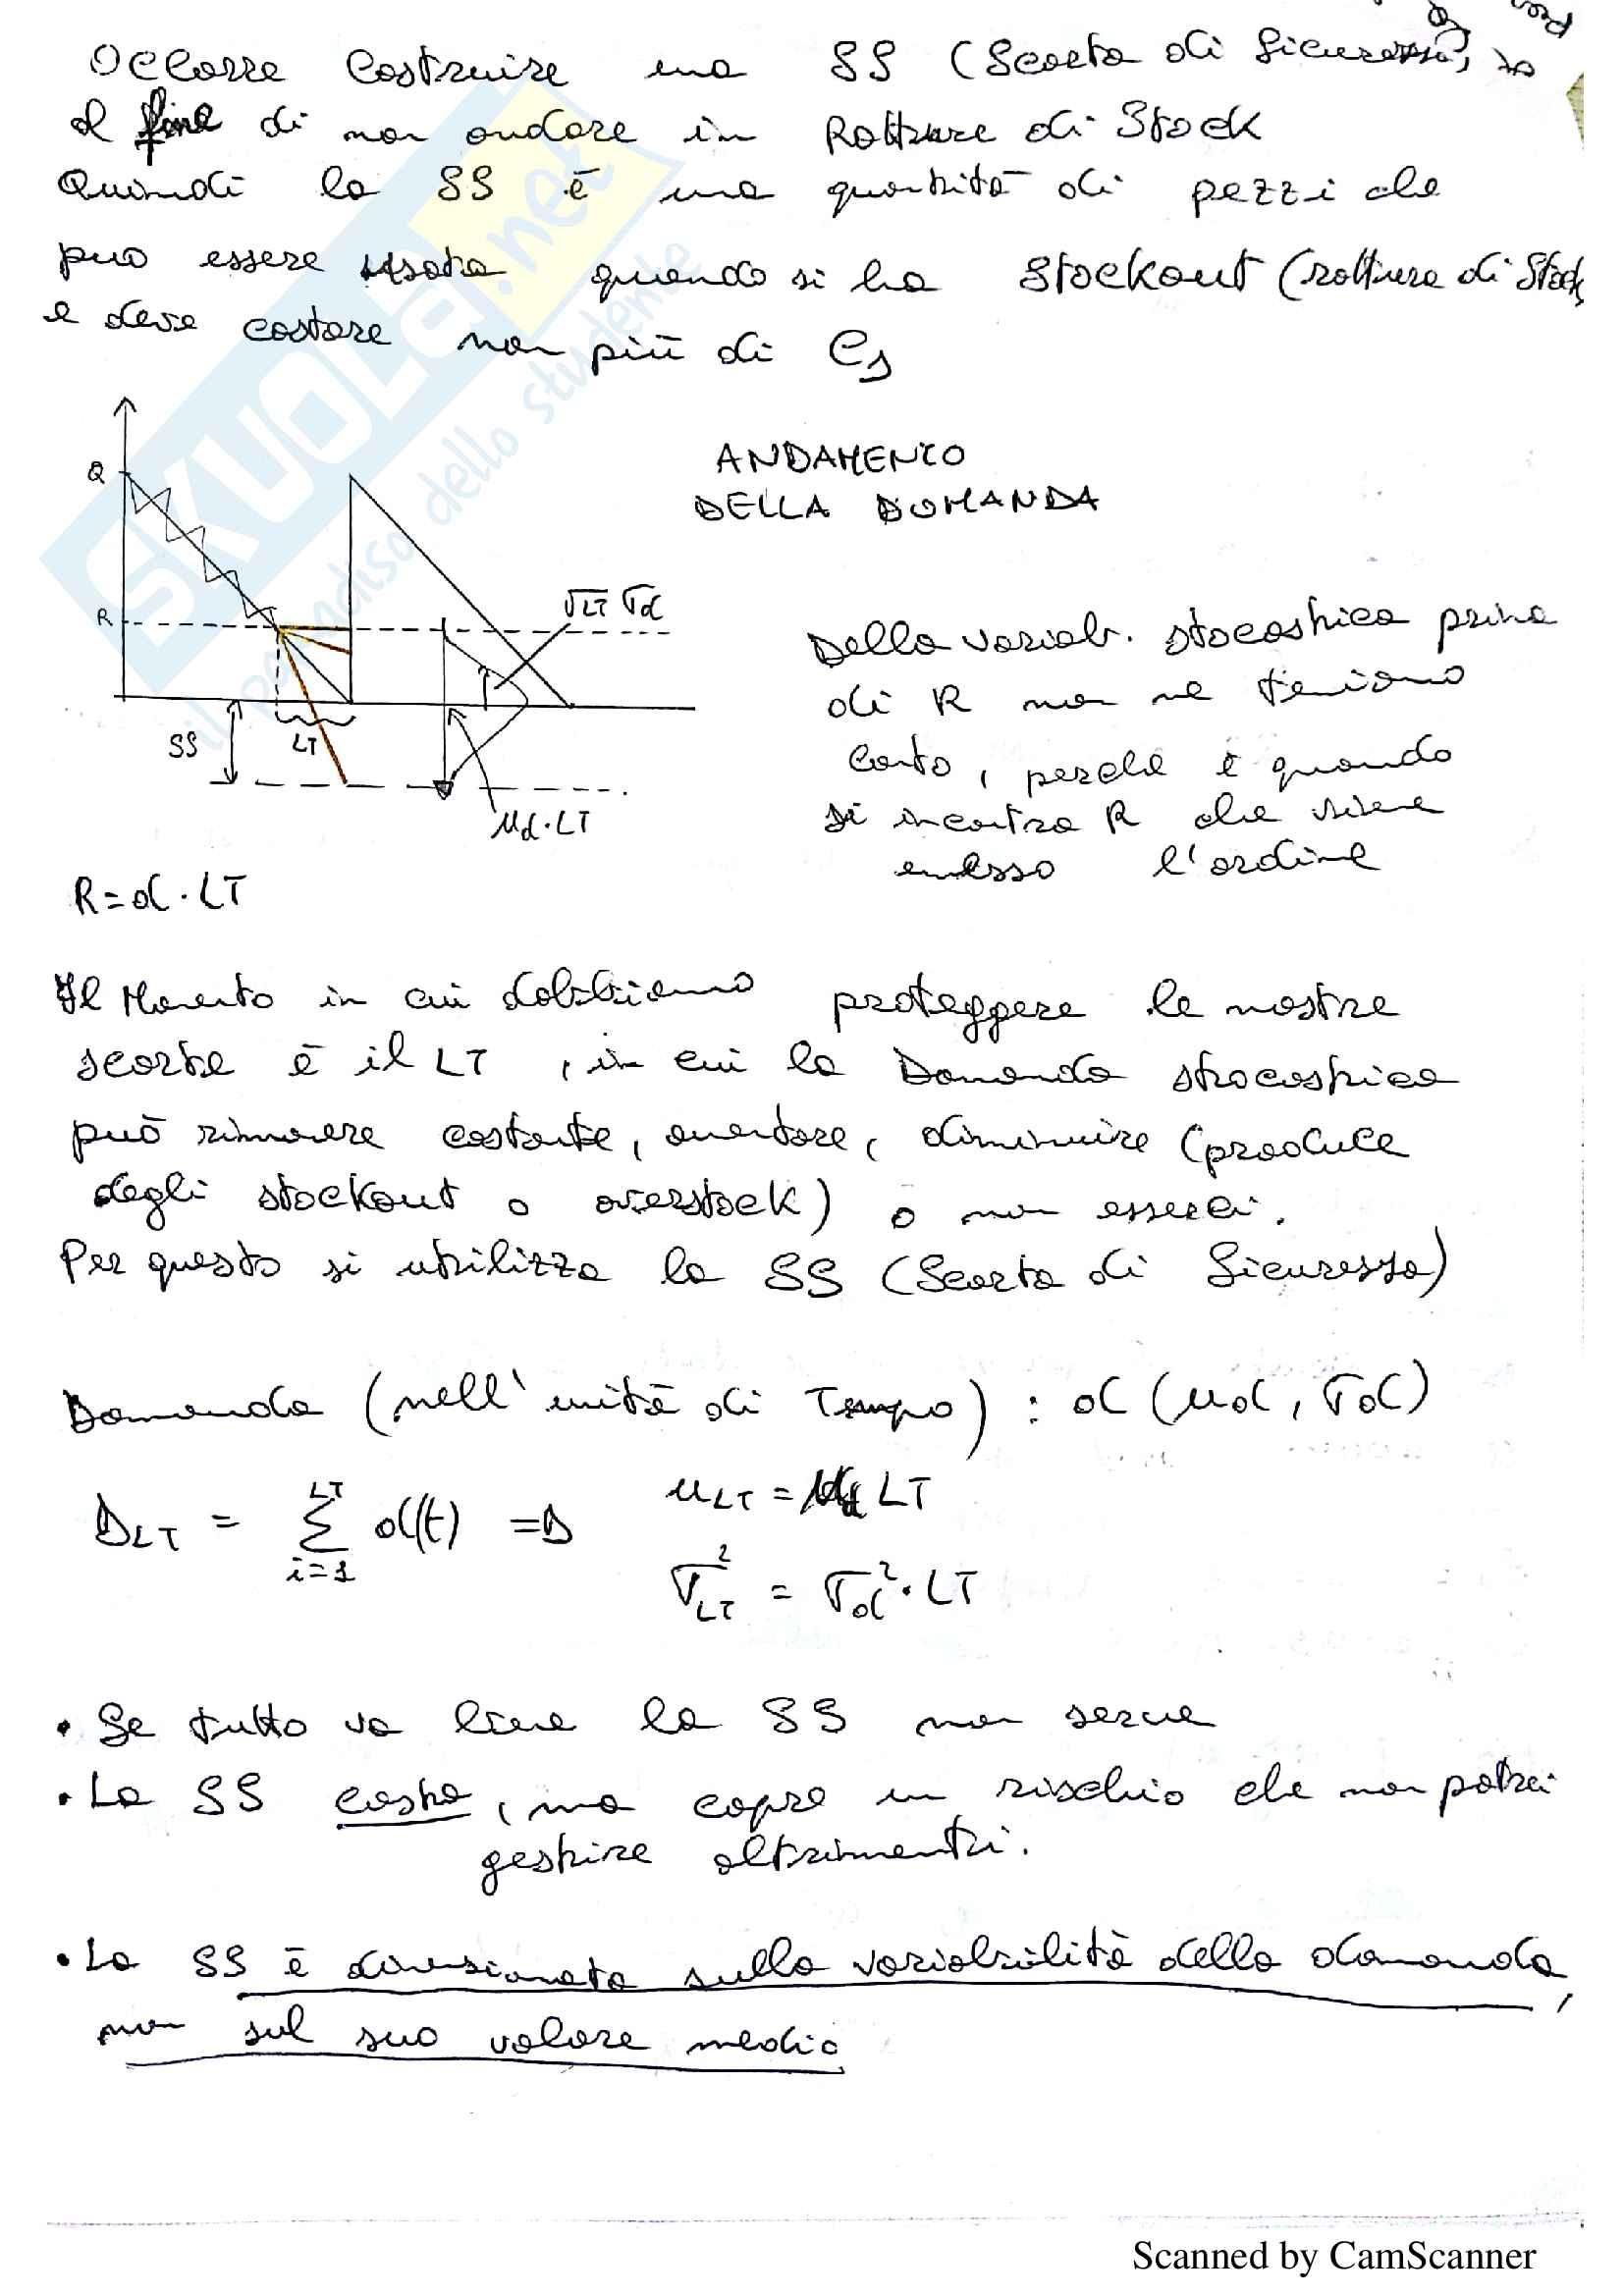 Programmazione e Gestione della Produzione P. Chiabert Appunti, Schemi riassuntivi, Esempi svolti Pag. 26